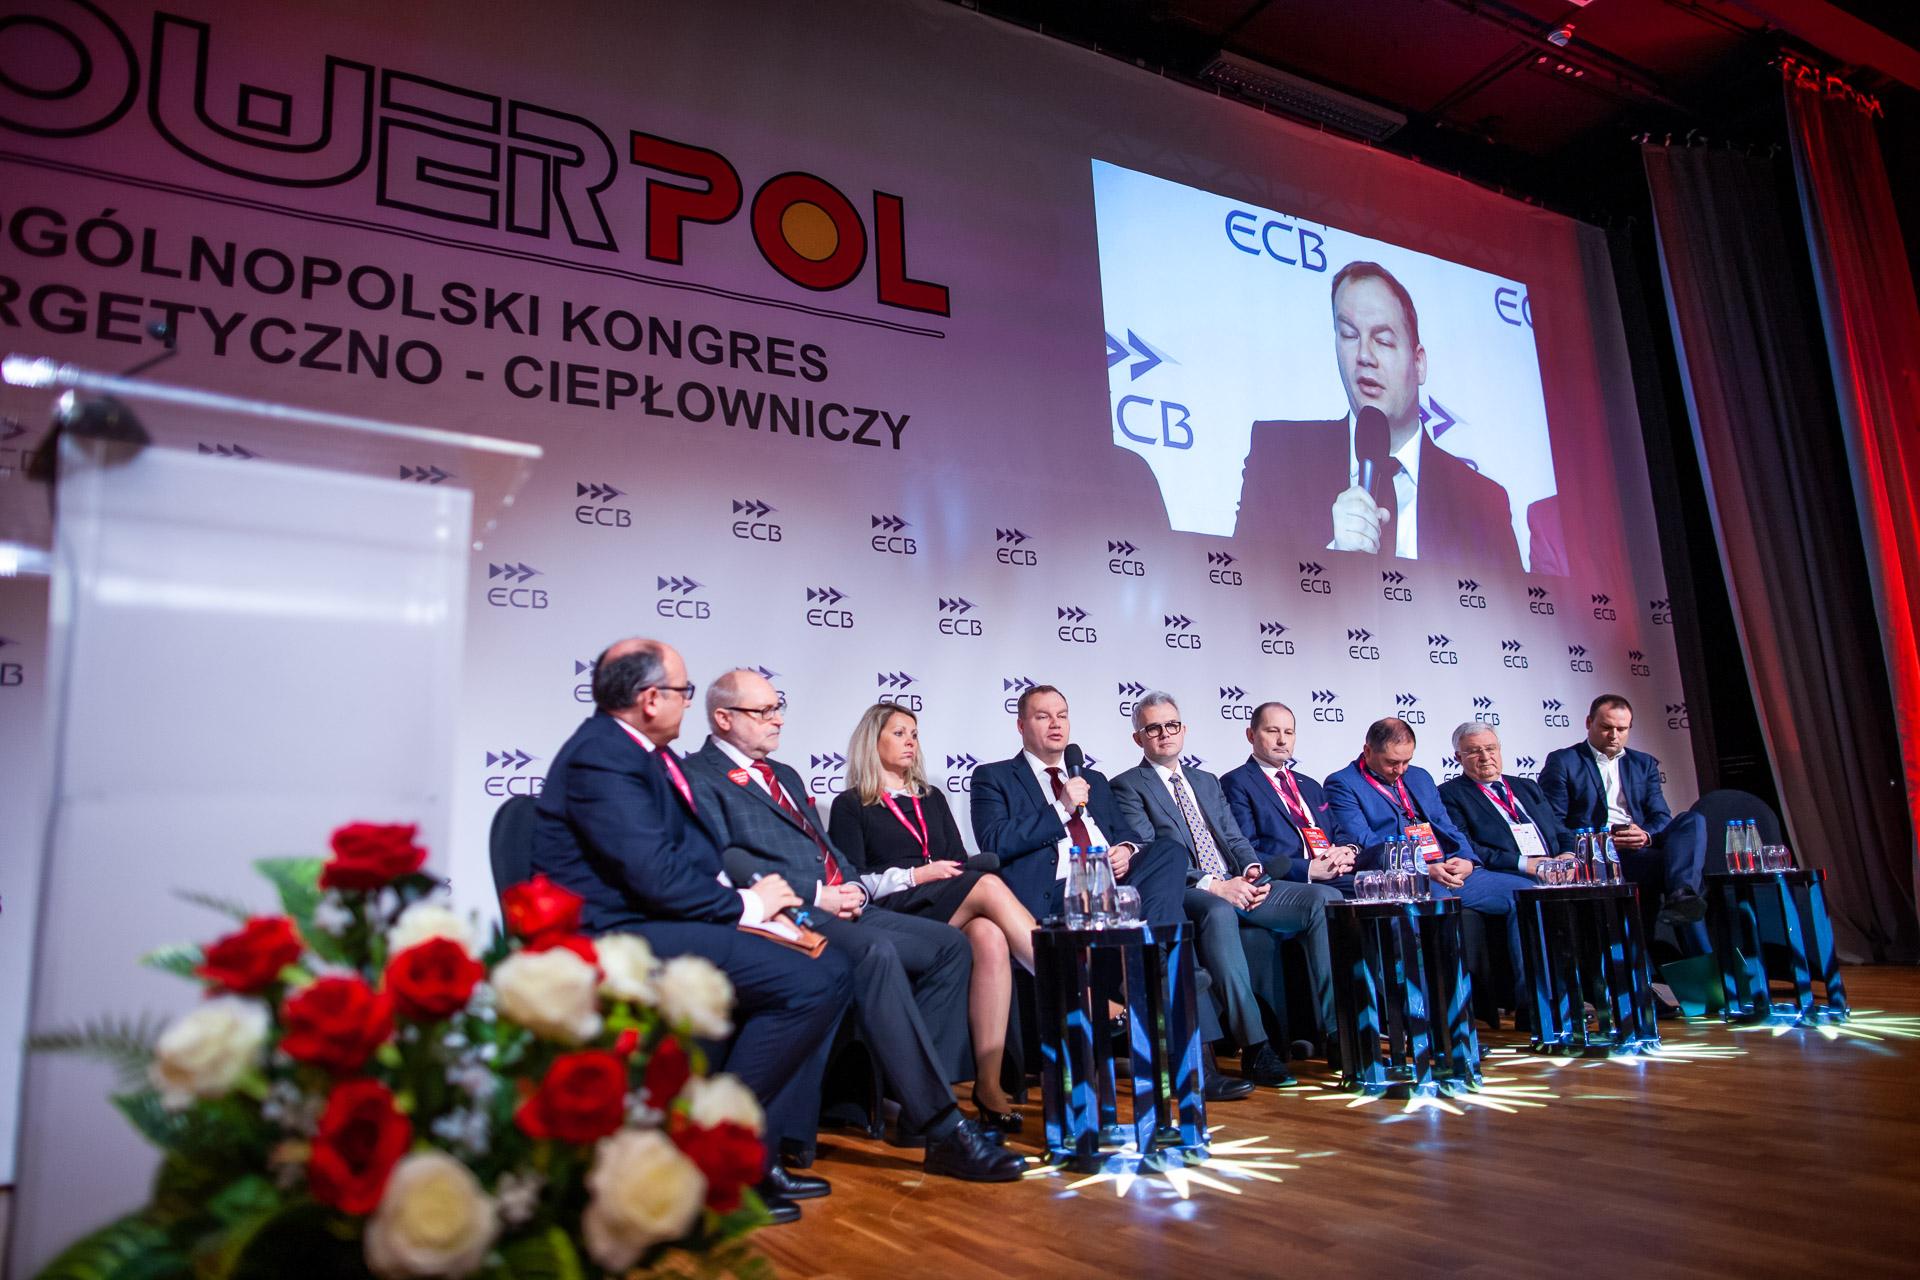 Relacja z XIX edycji Ogólnopolskiego Kongresu Energetyczno-Ciepłowniczego POWERPOL